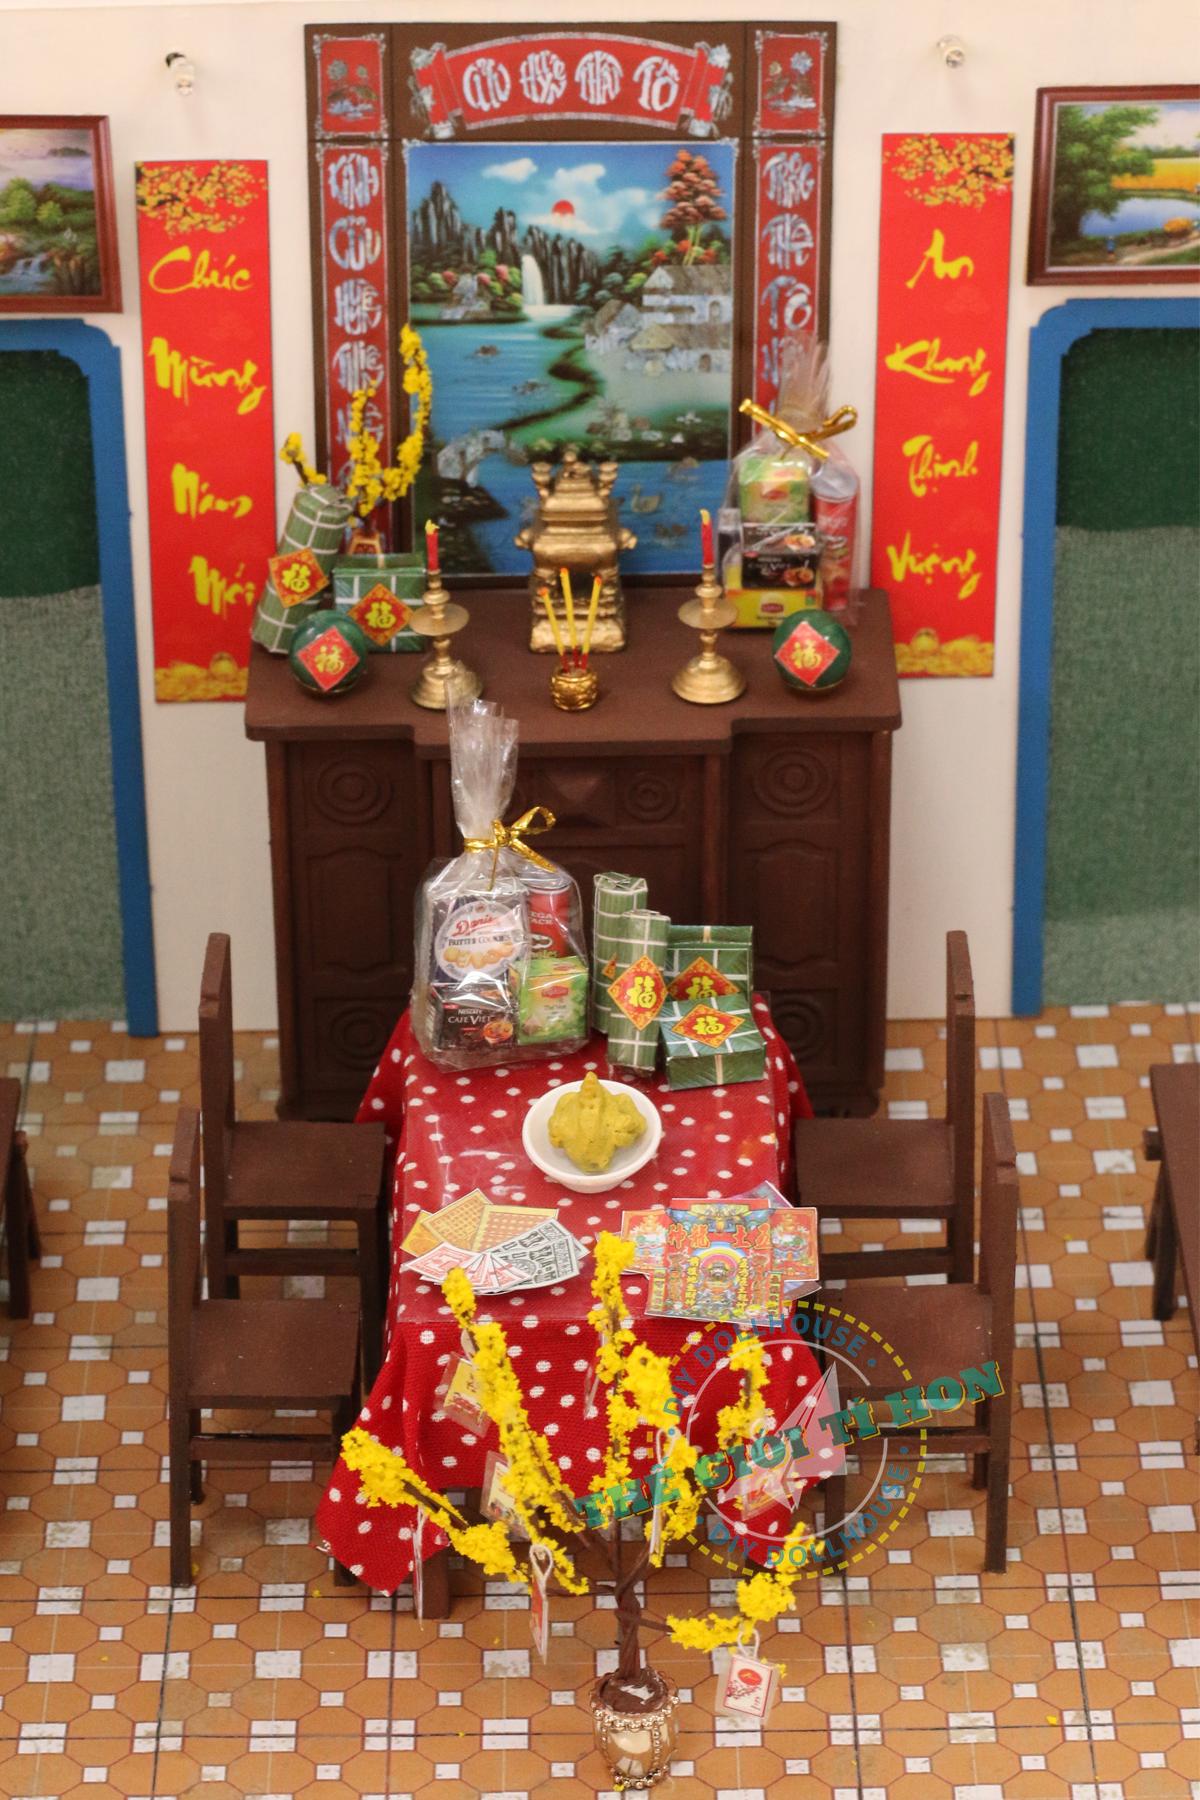 mô hình tết nguyên đán Sài Gòn Xưa bằng gỗ tí hon - Tết Sum Vầy - TX06 (1)